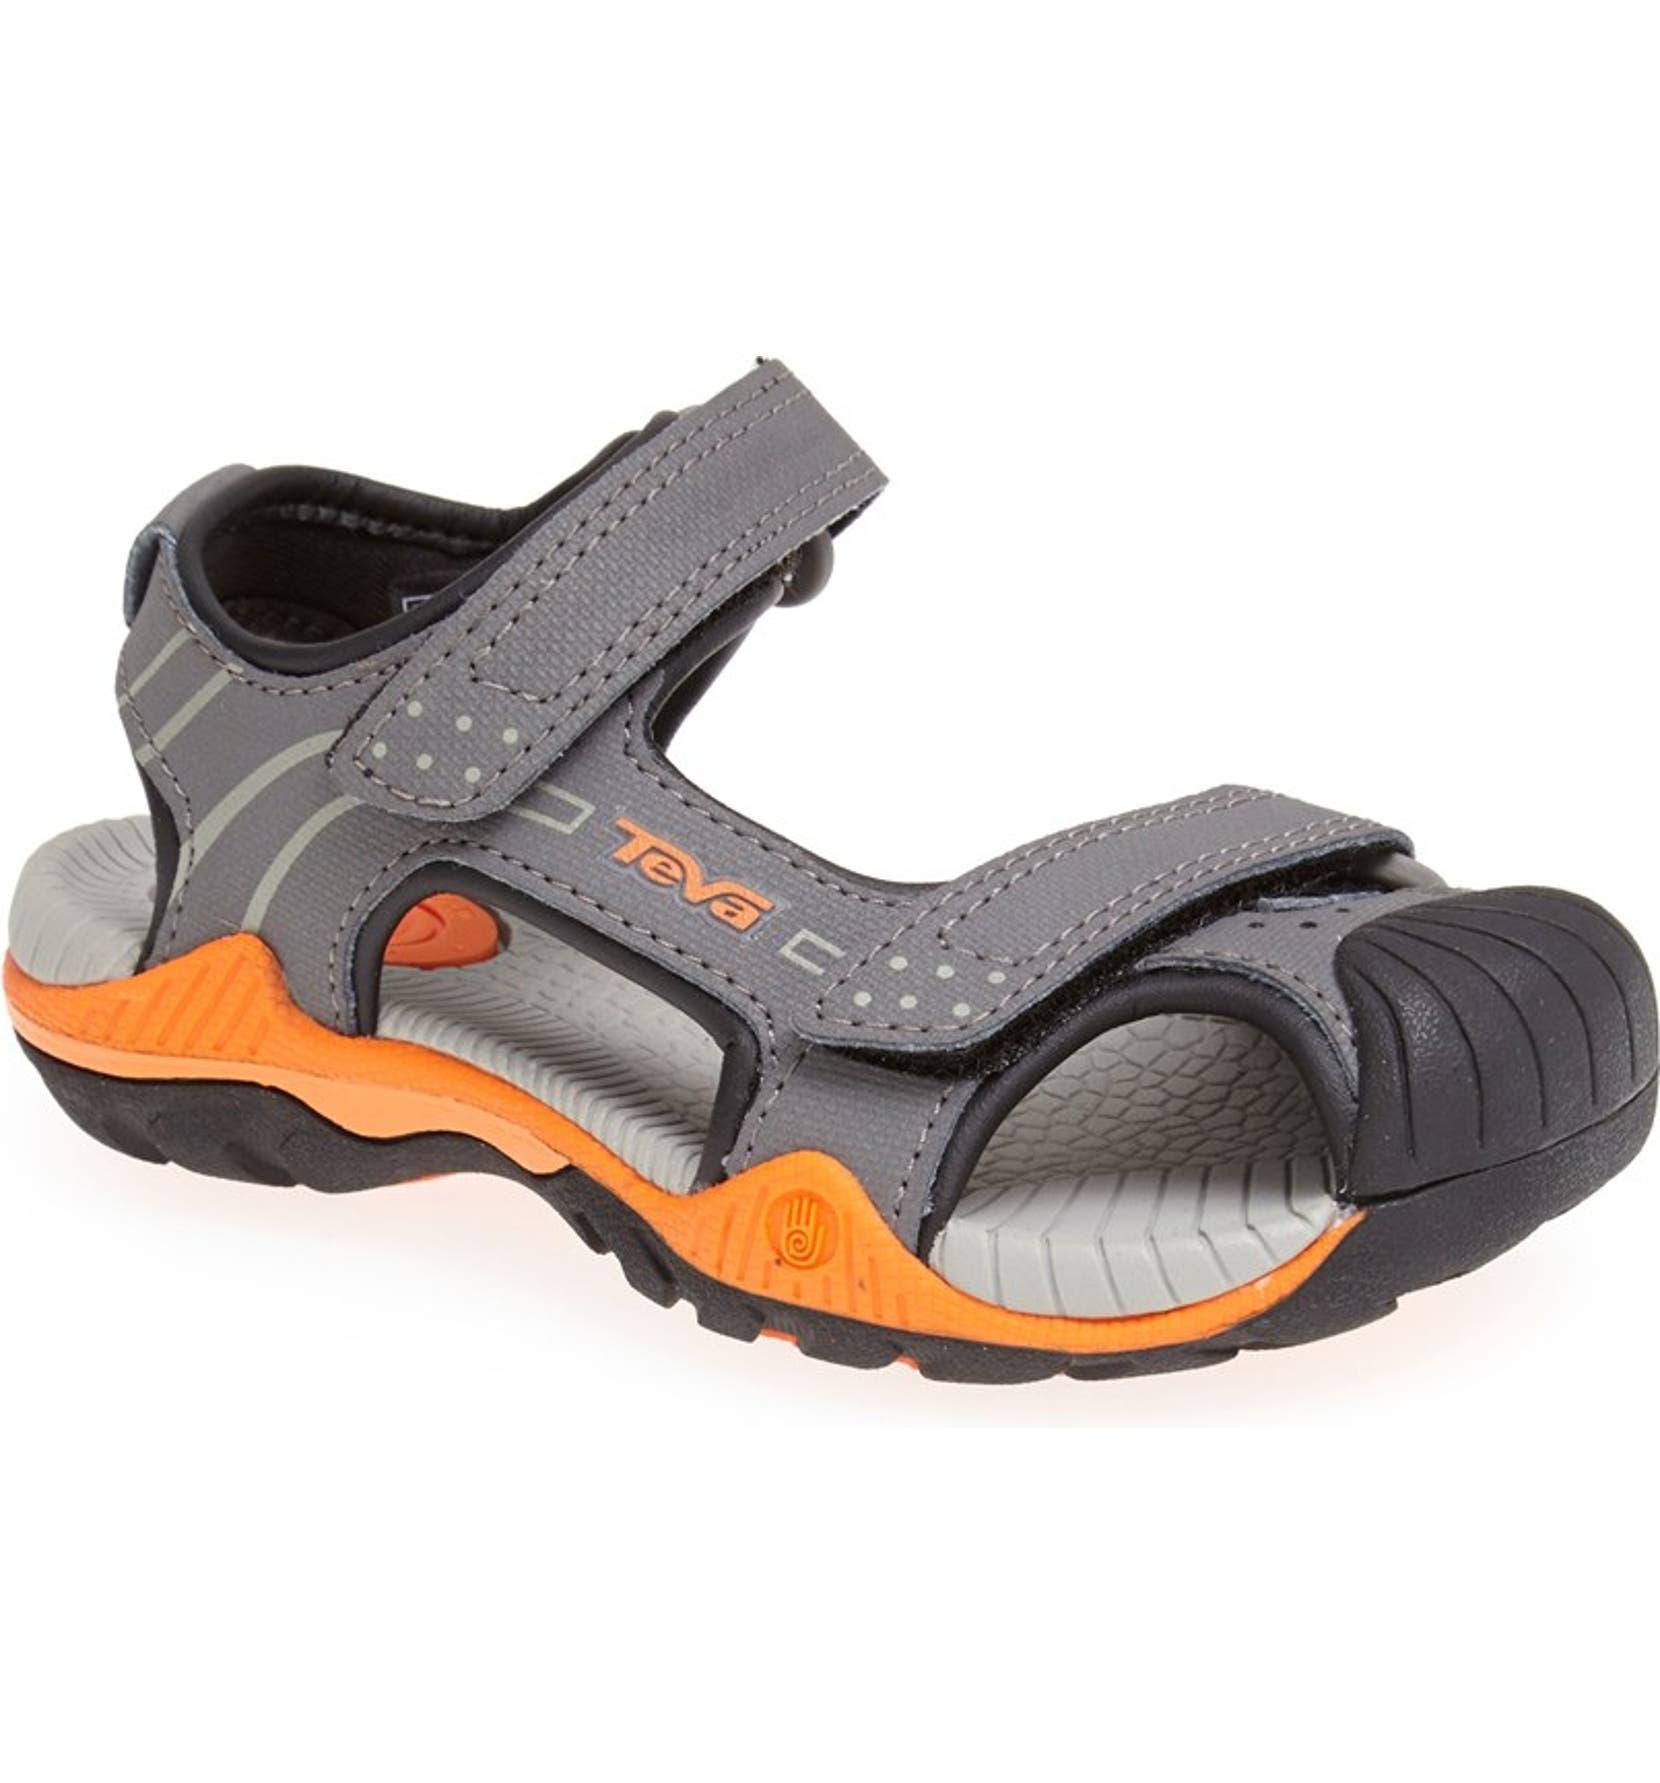 e72e4c40d012 Teva  Toachi 2  Sandal (Toddler